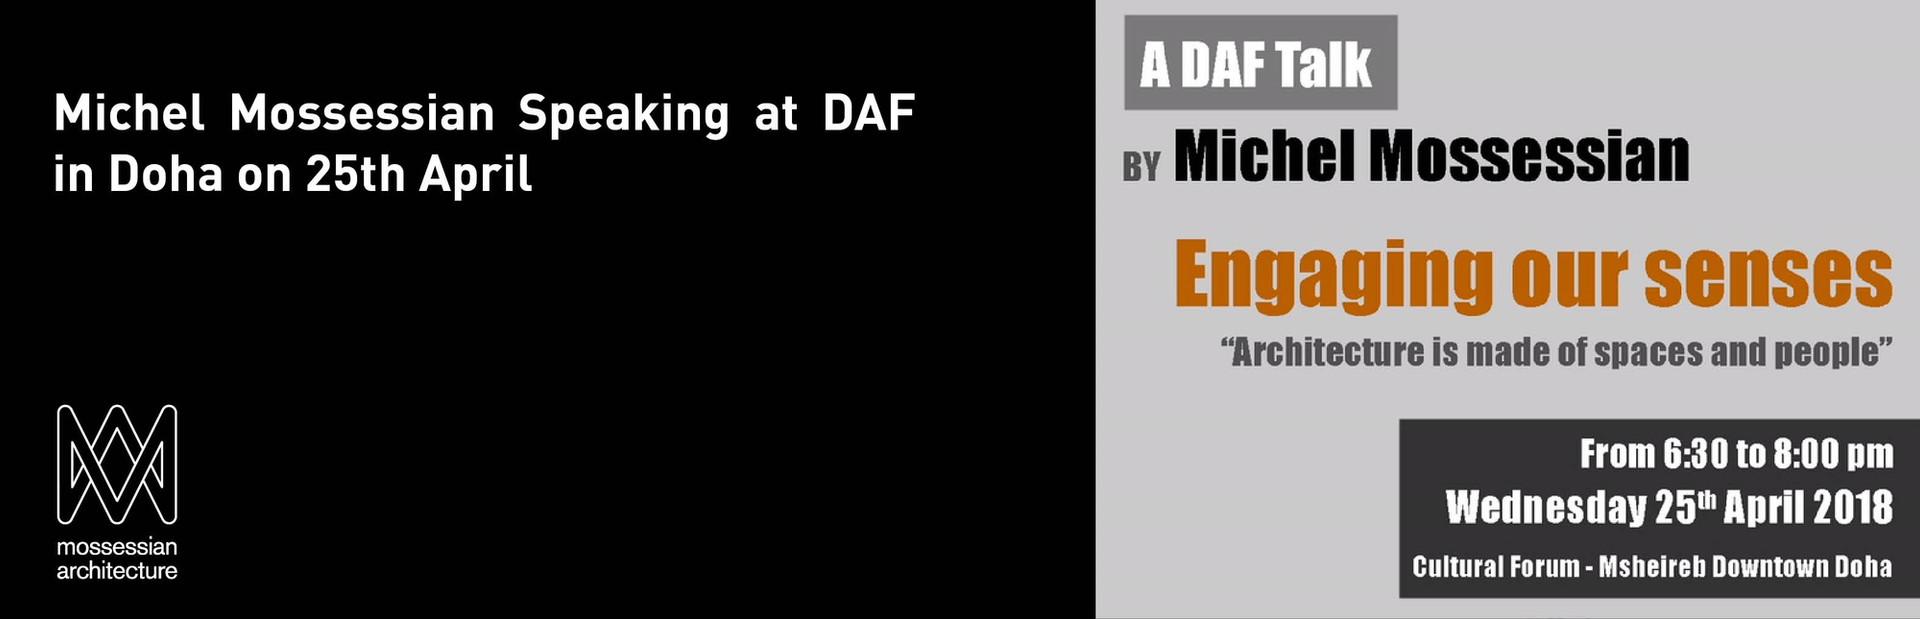 04042018 DAF talk.jpg